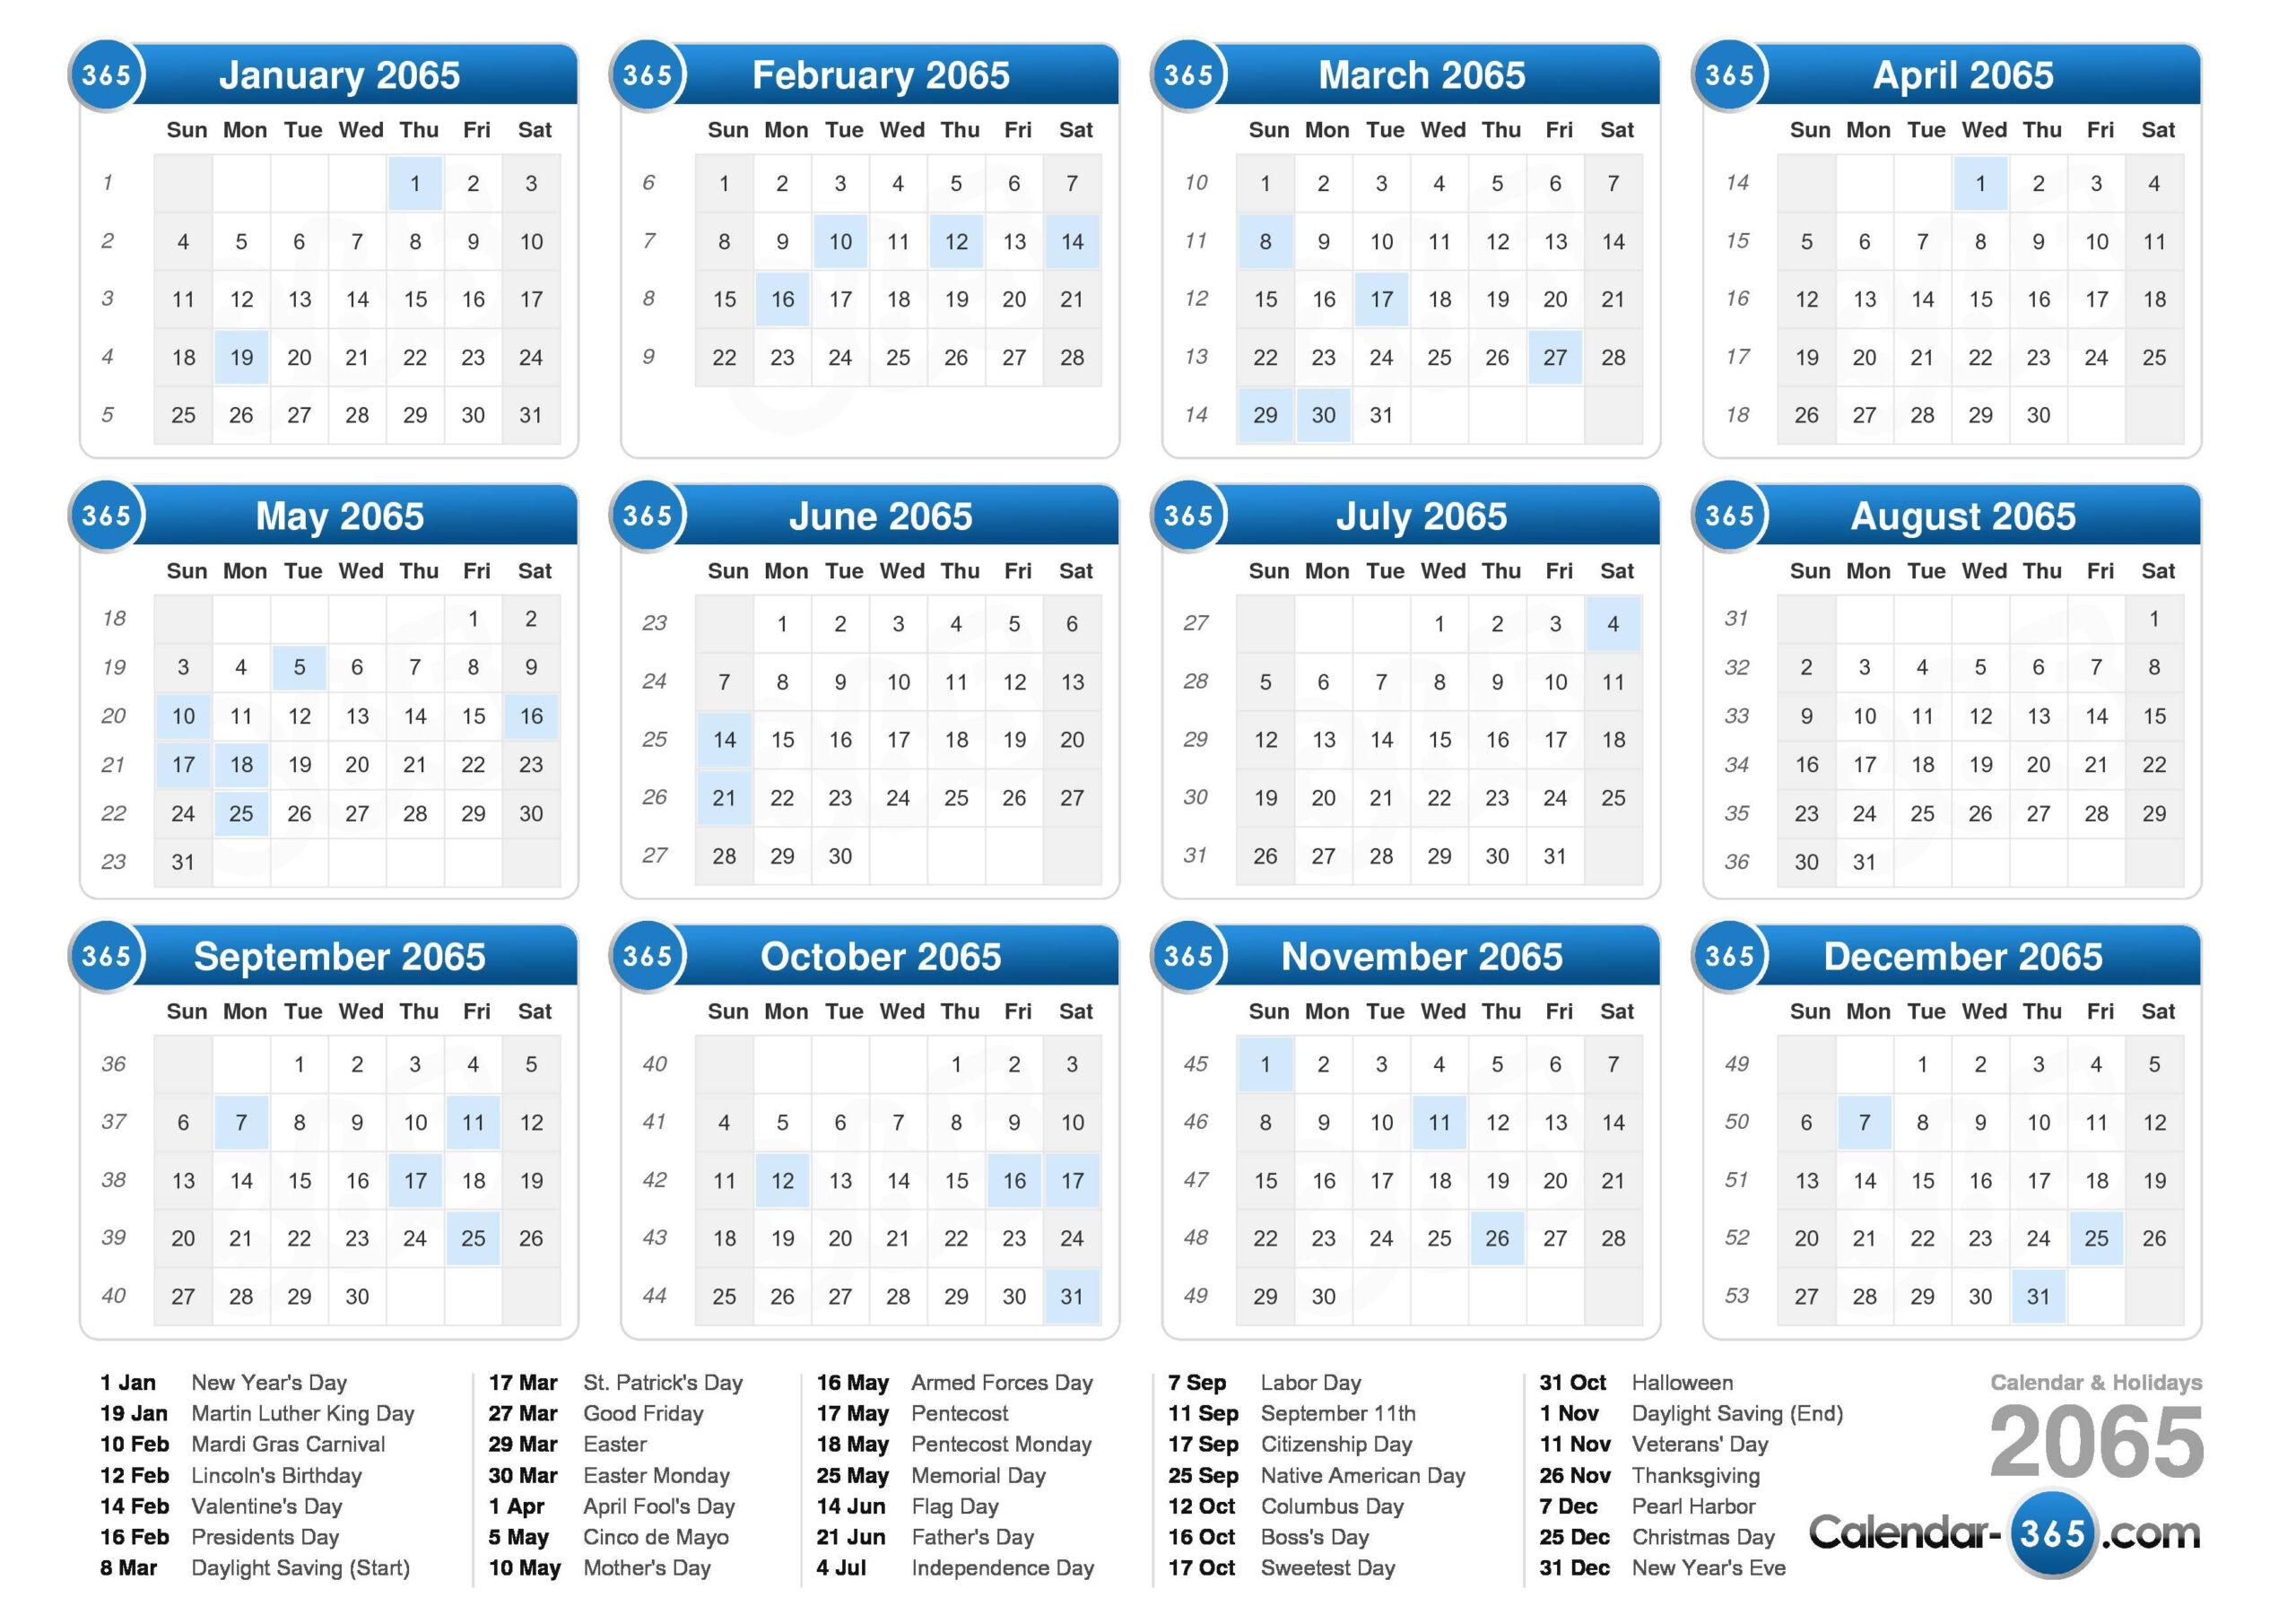 2065 Calendar for Federal Holidays 2025